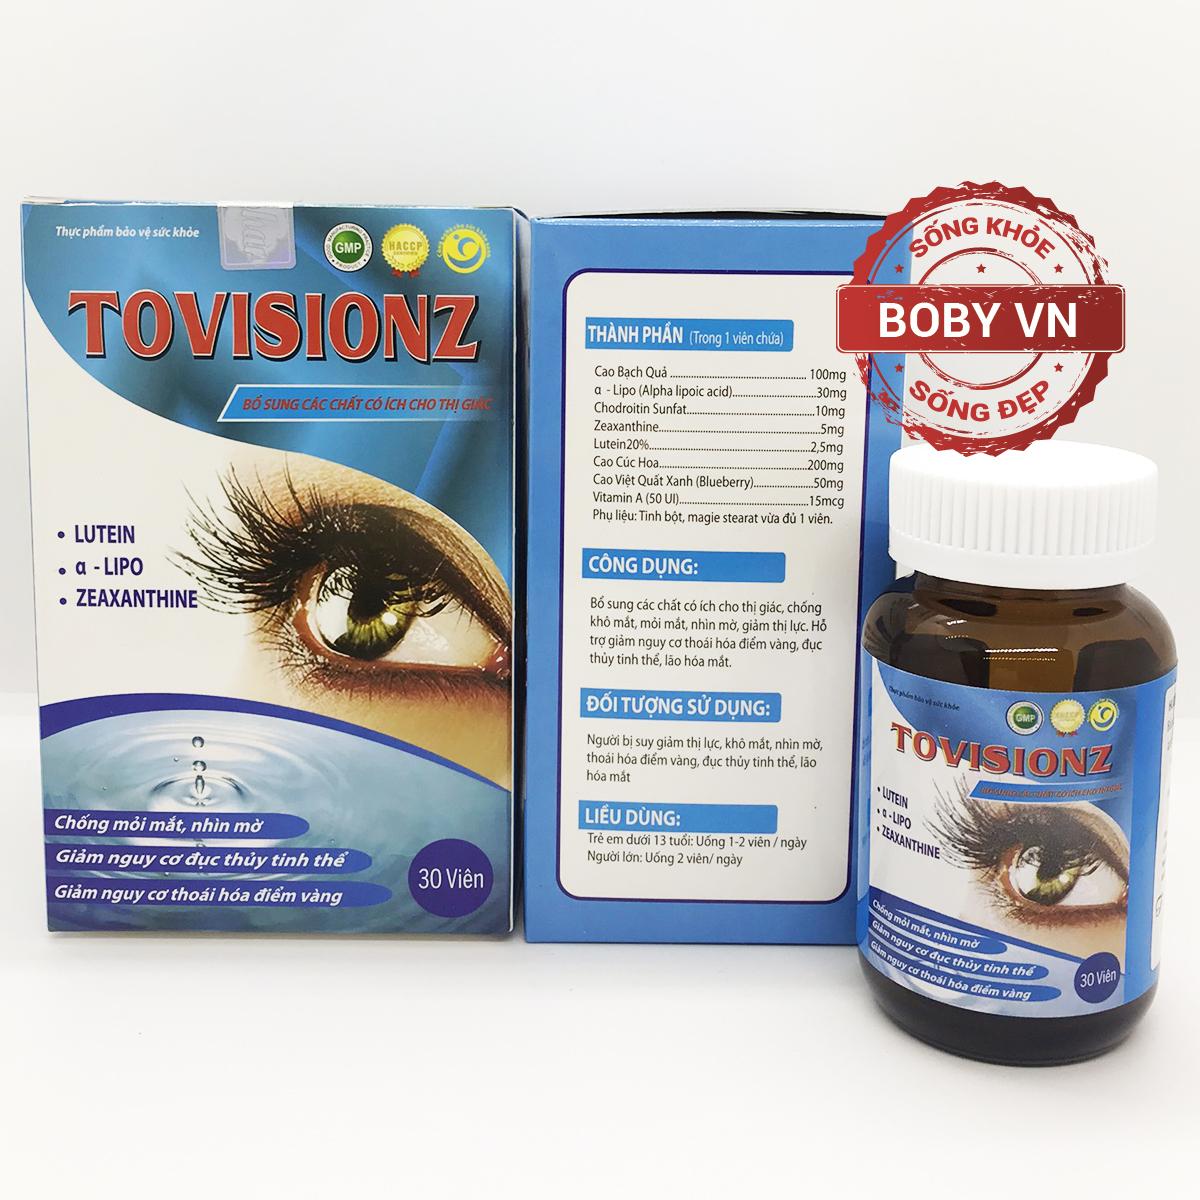 Dưỡng mắt Tovisionz - Chống khô mắt, mỏi mắt, mờ mắt, giảm nguy cơ đục thủy tinh thể